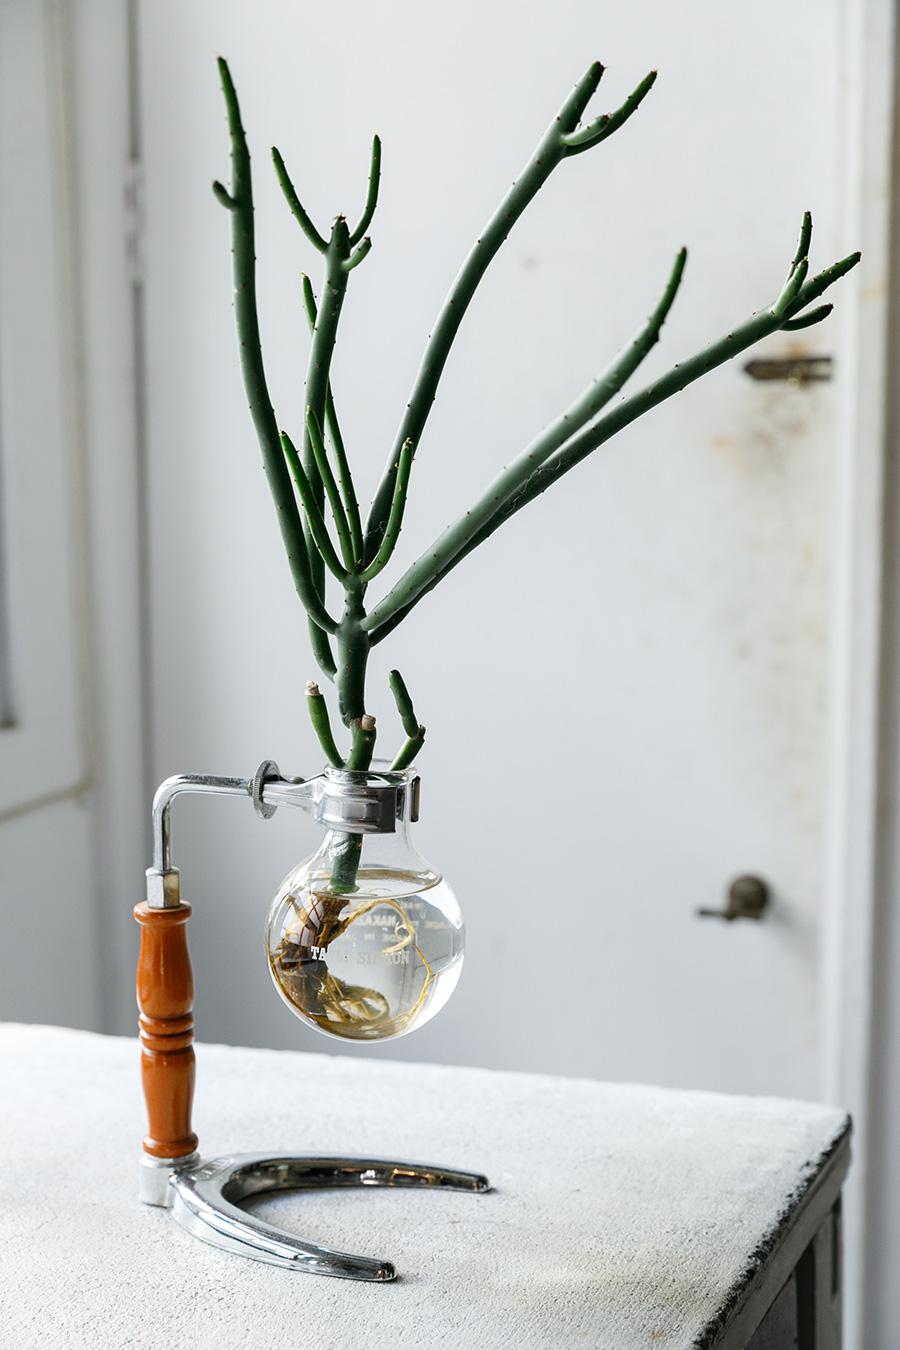 棒状の茎を分岐させながら成長する多肉植物、ミルクブッシュの水耕栽培。器は古いコーヒーサイフォンを利用。